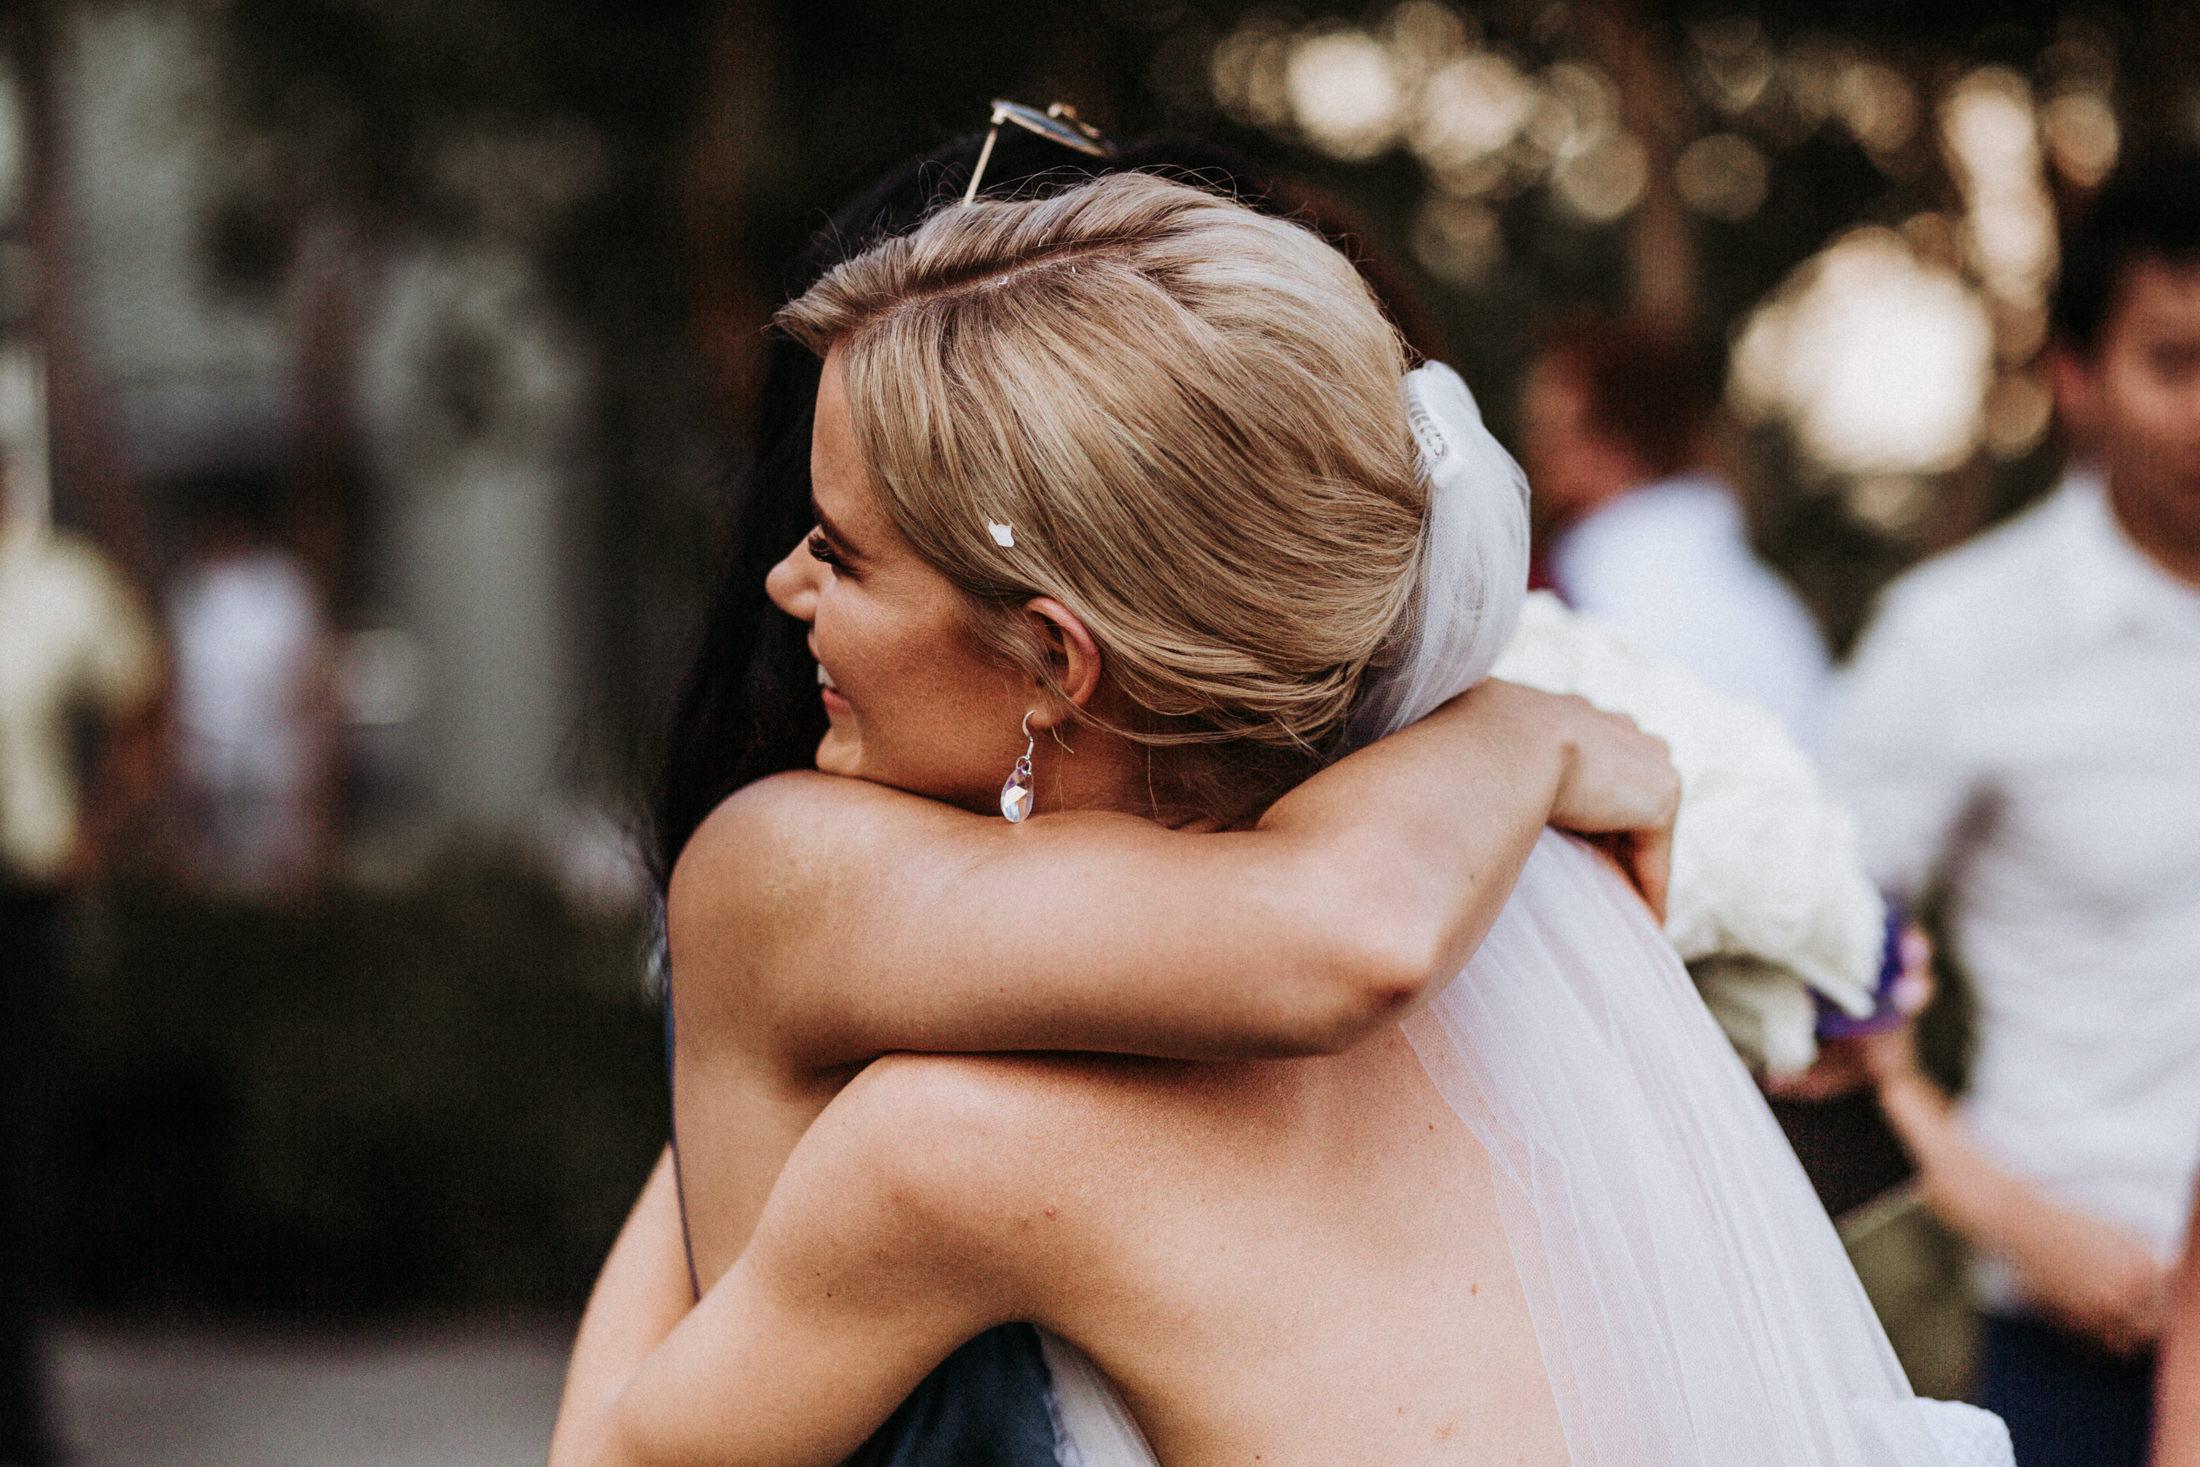 DanielaMarquardt_Wedding_Thailand_270